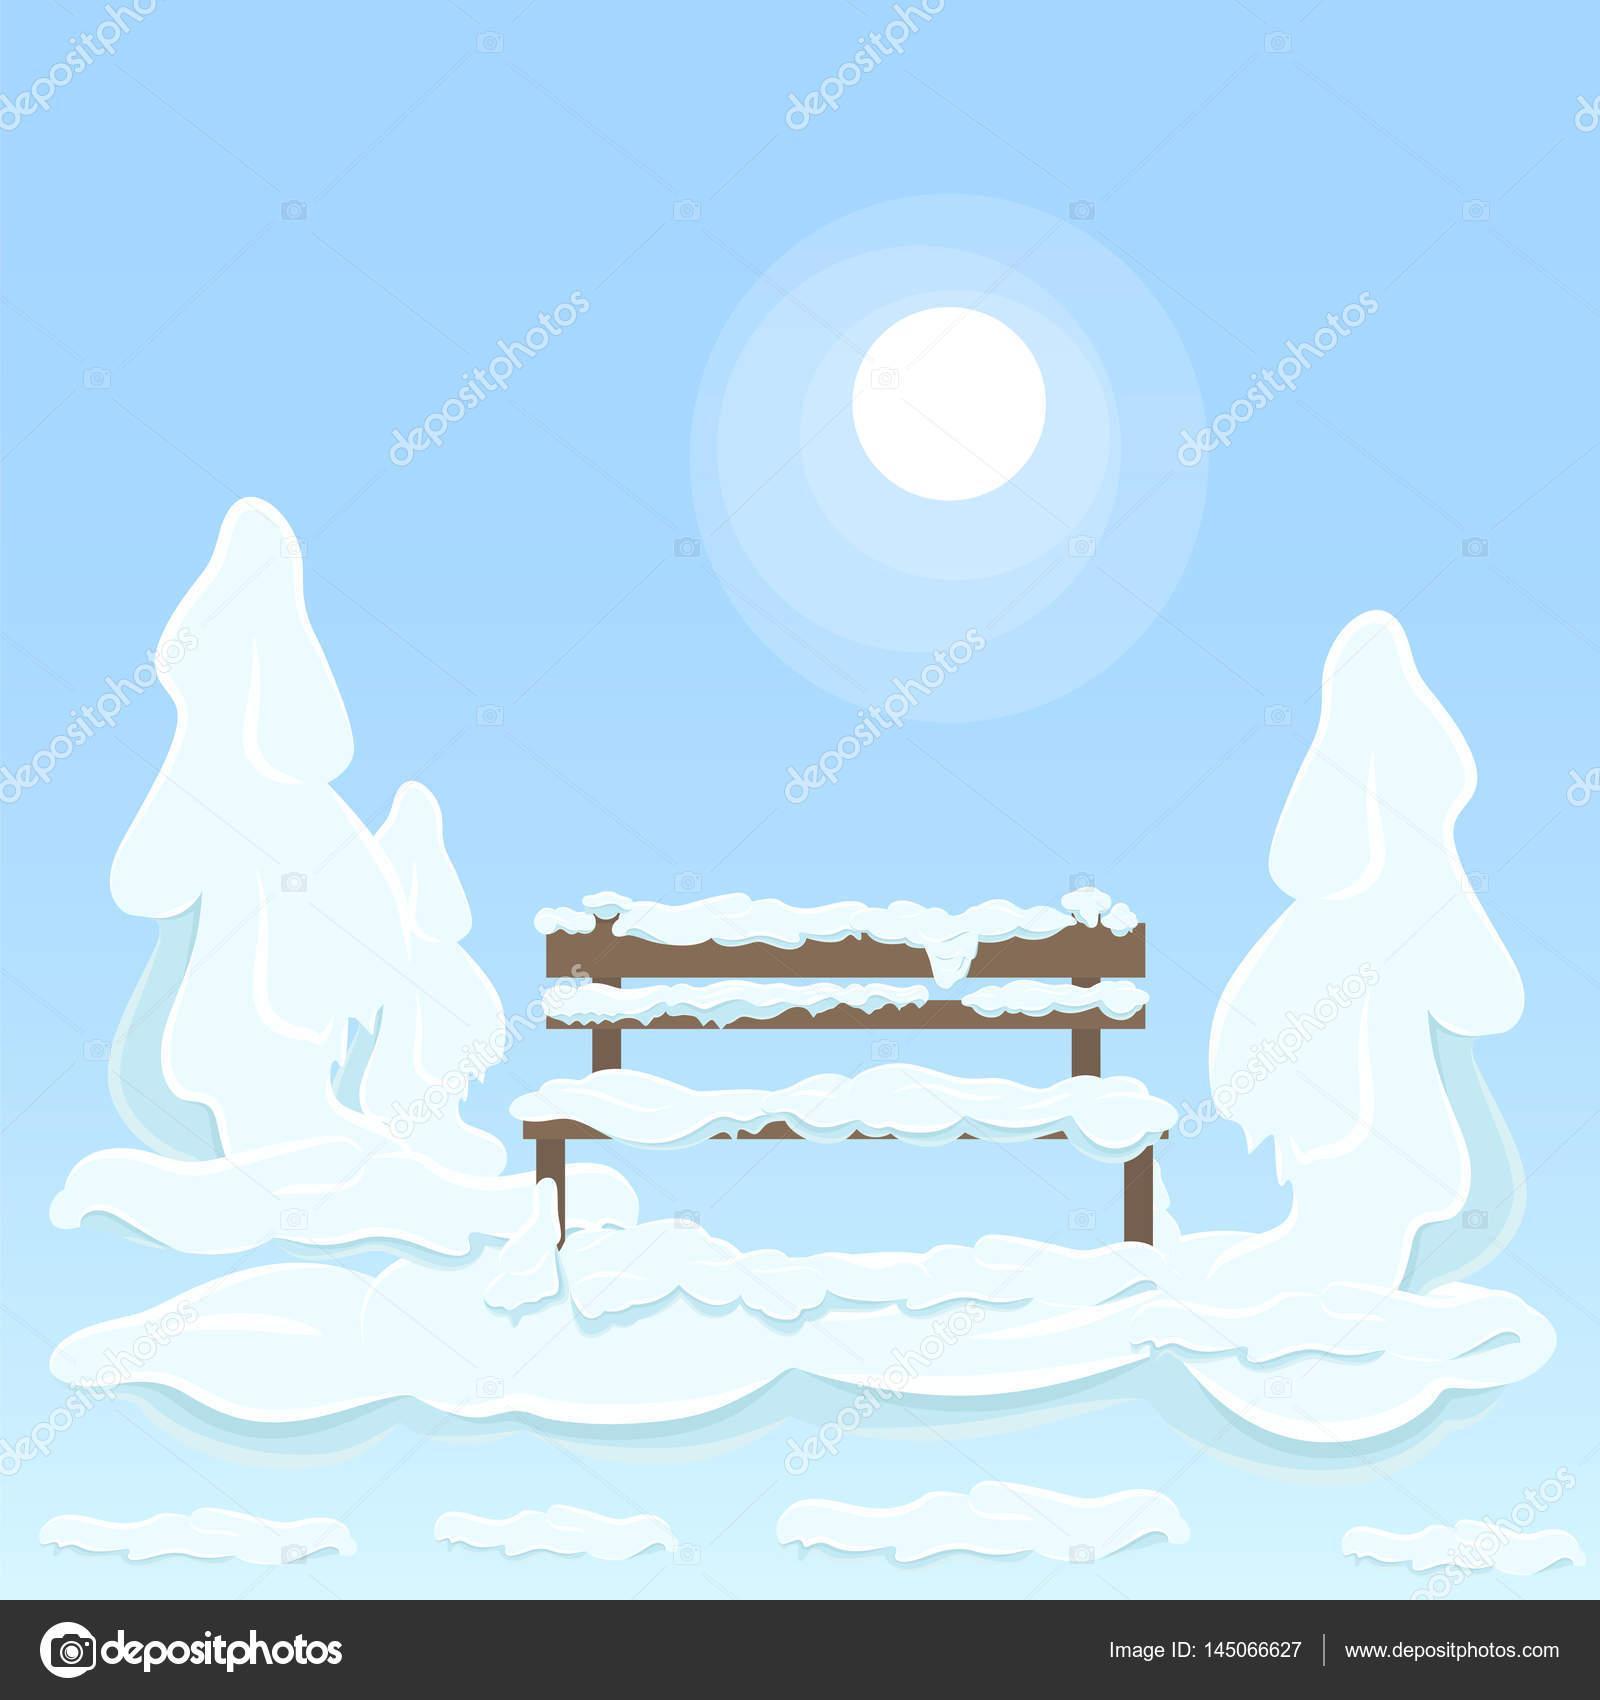 ツリー間の積雪下で隔離された木製のベンチ ストックベクター